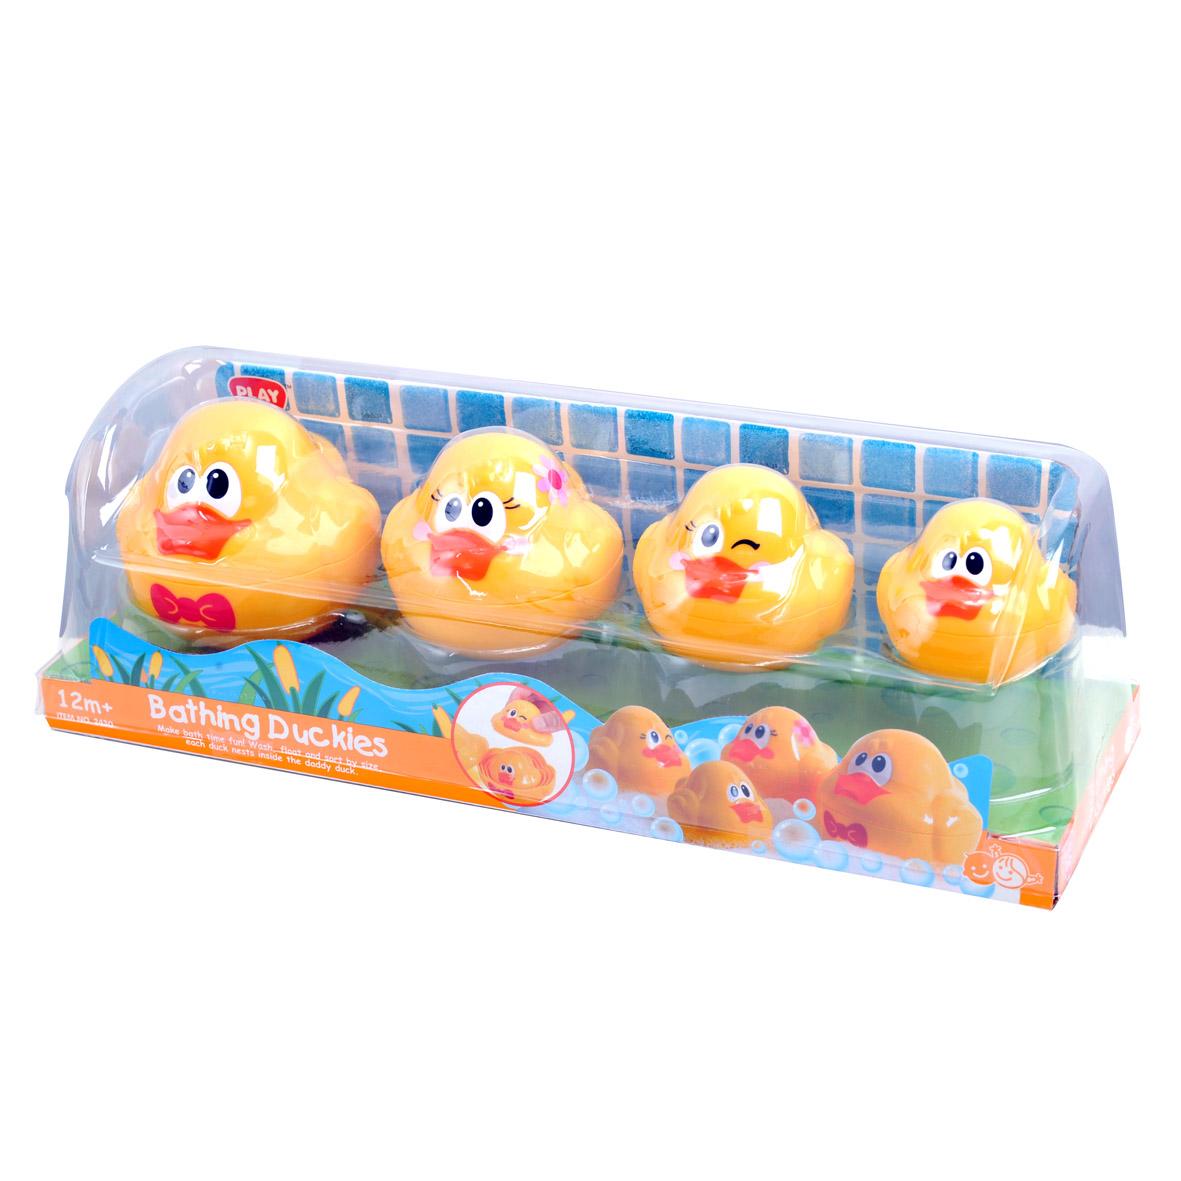 Playgo Игровой набор для ванной УтятаPlay 2430В комплект входят 4 утенка, которые складываются один в другого по принципу матрёшки.